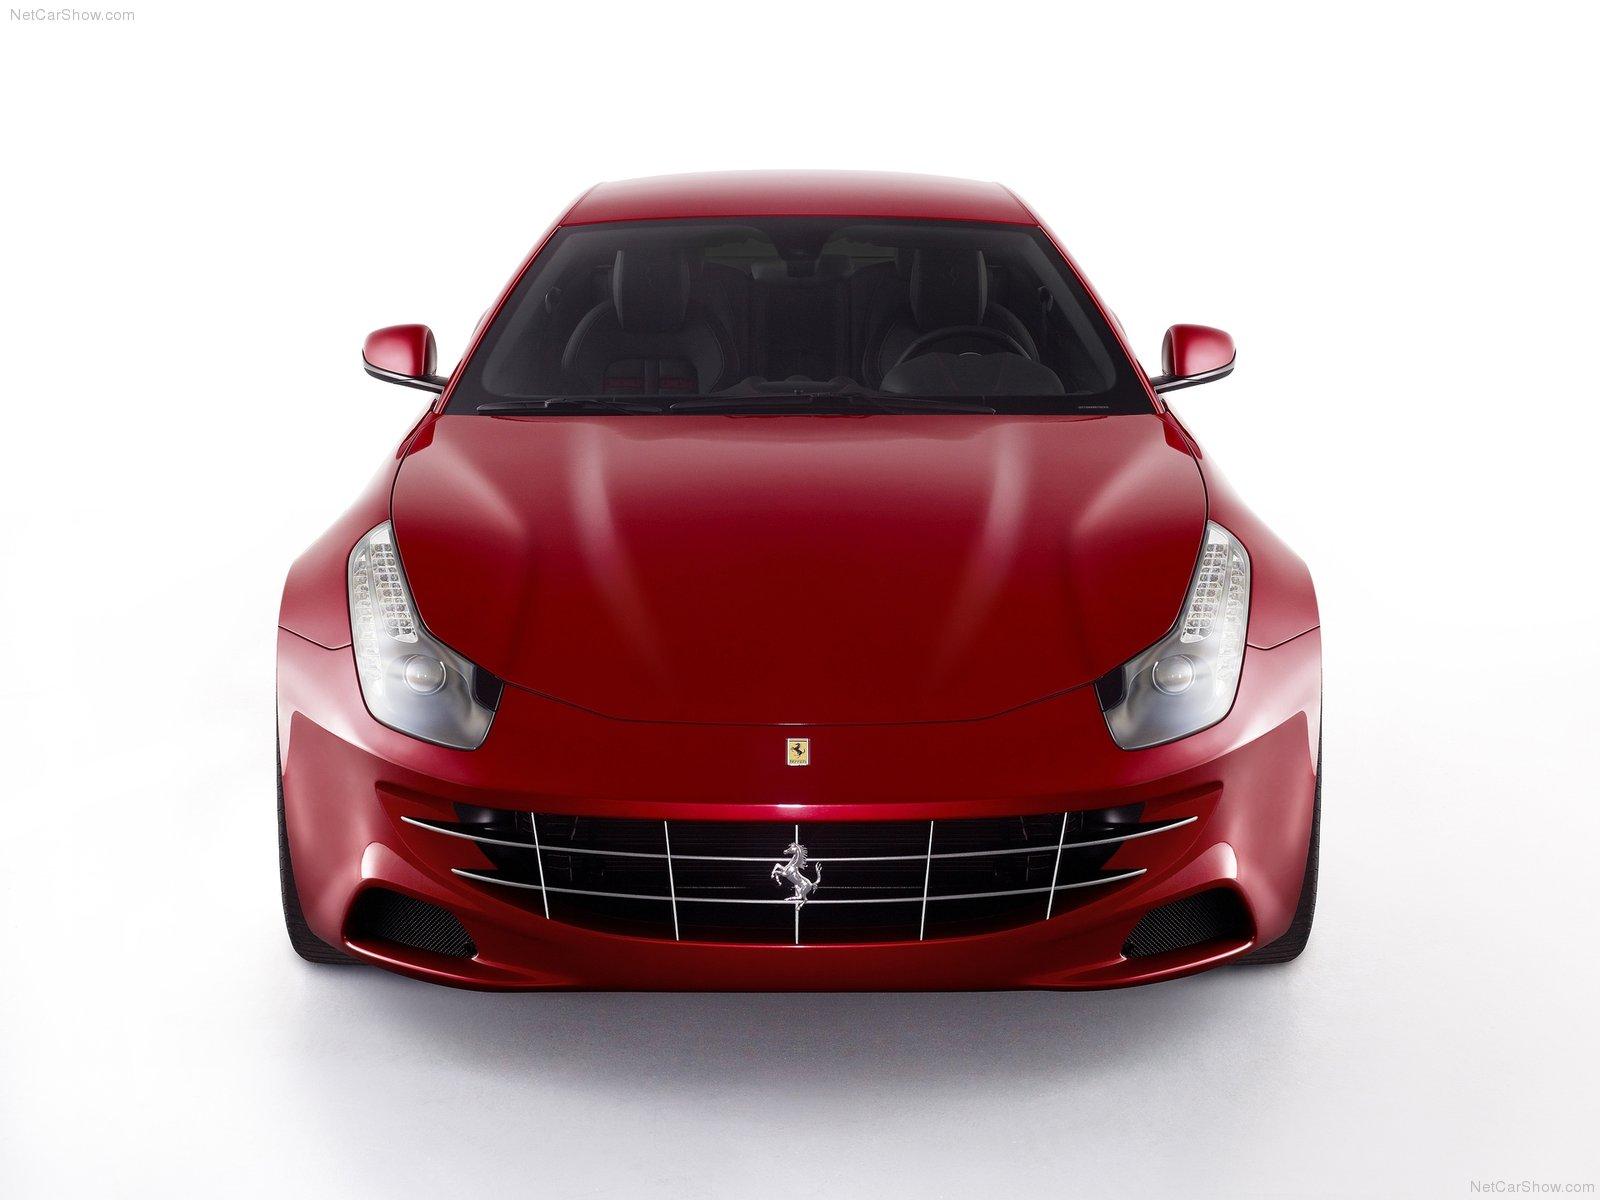 http://4.bp.blogspot.com/-cKUO5yrUqxI/UHJwbPkT2YI/AAAAAAAAAcs/EuHsplh4jxQ/s1600/Ferrari-FF_2012_1600x1200_wallpaper_0b.jpg